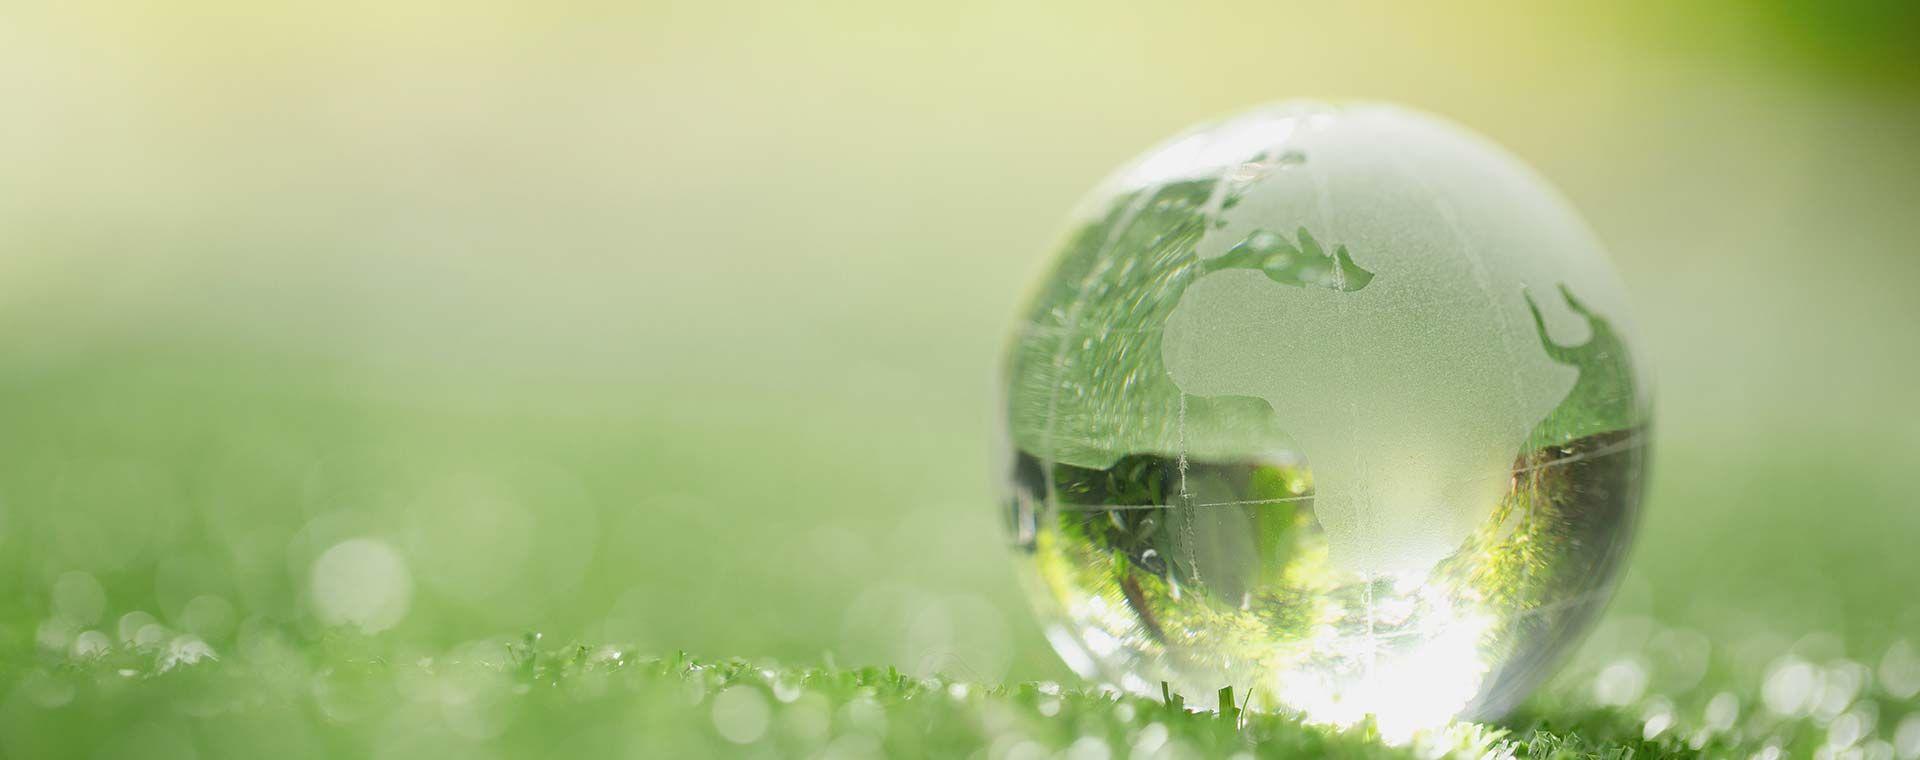 SOSTENIBILITÀ <br>ambientale